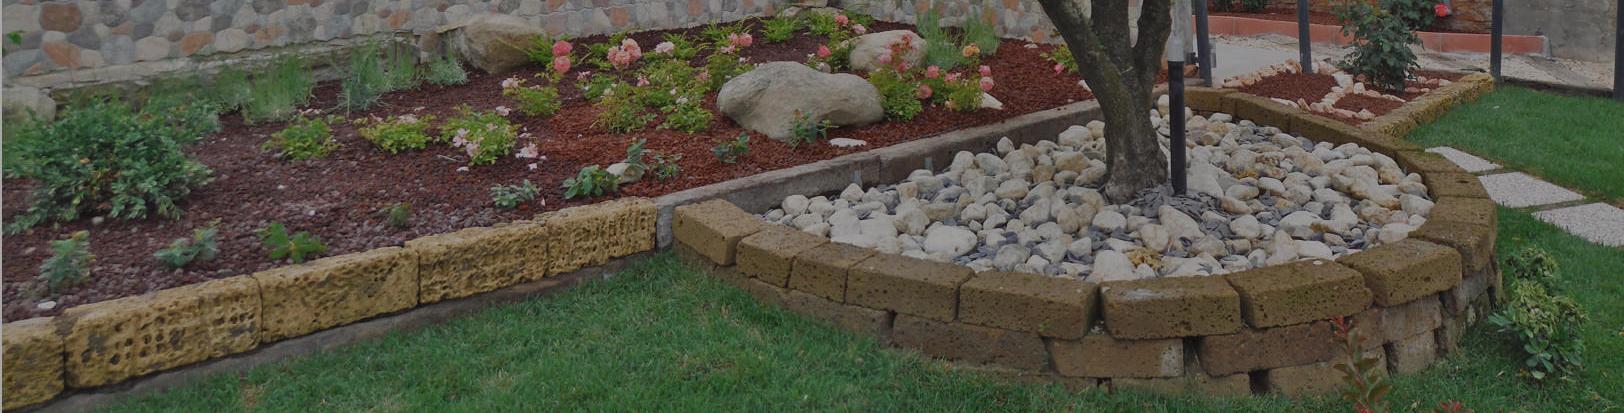 Junior Garden - Contenimento del terreno e terrazzamenti giardini